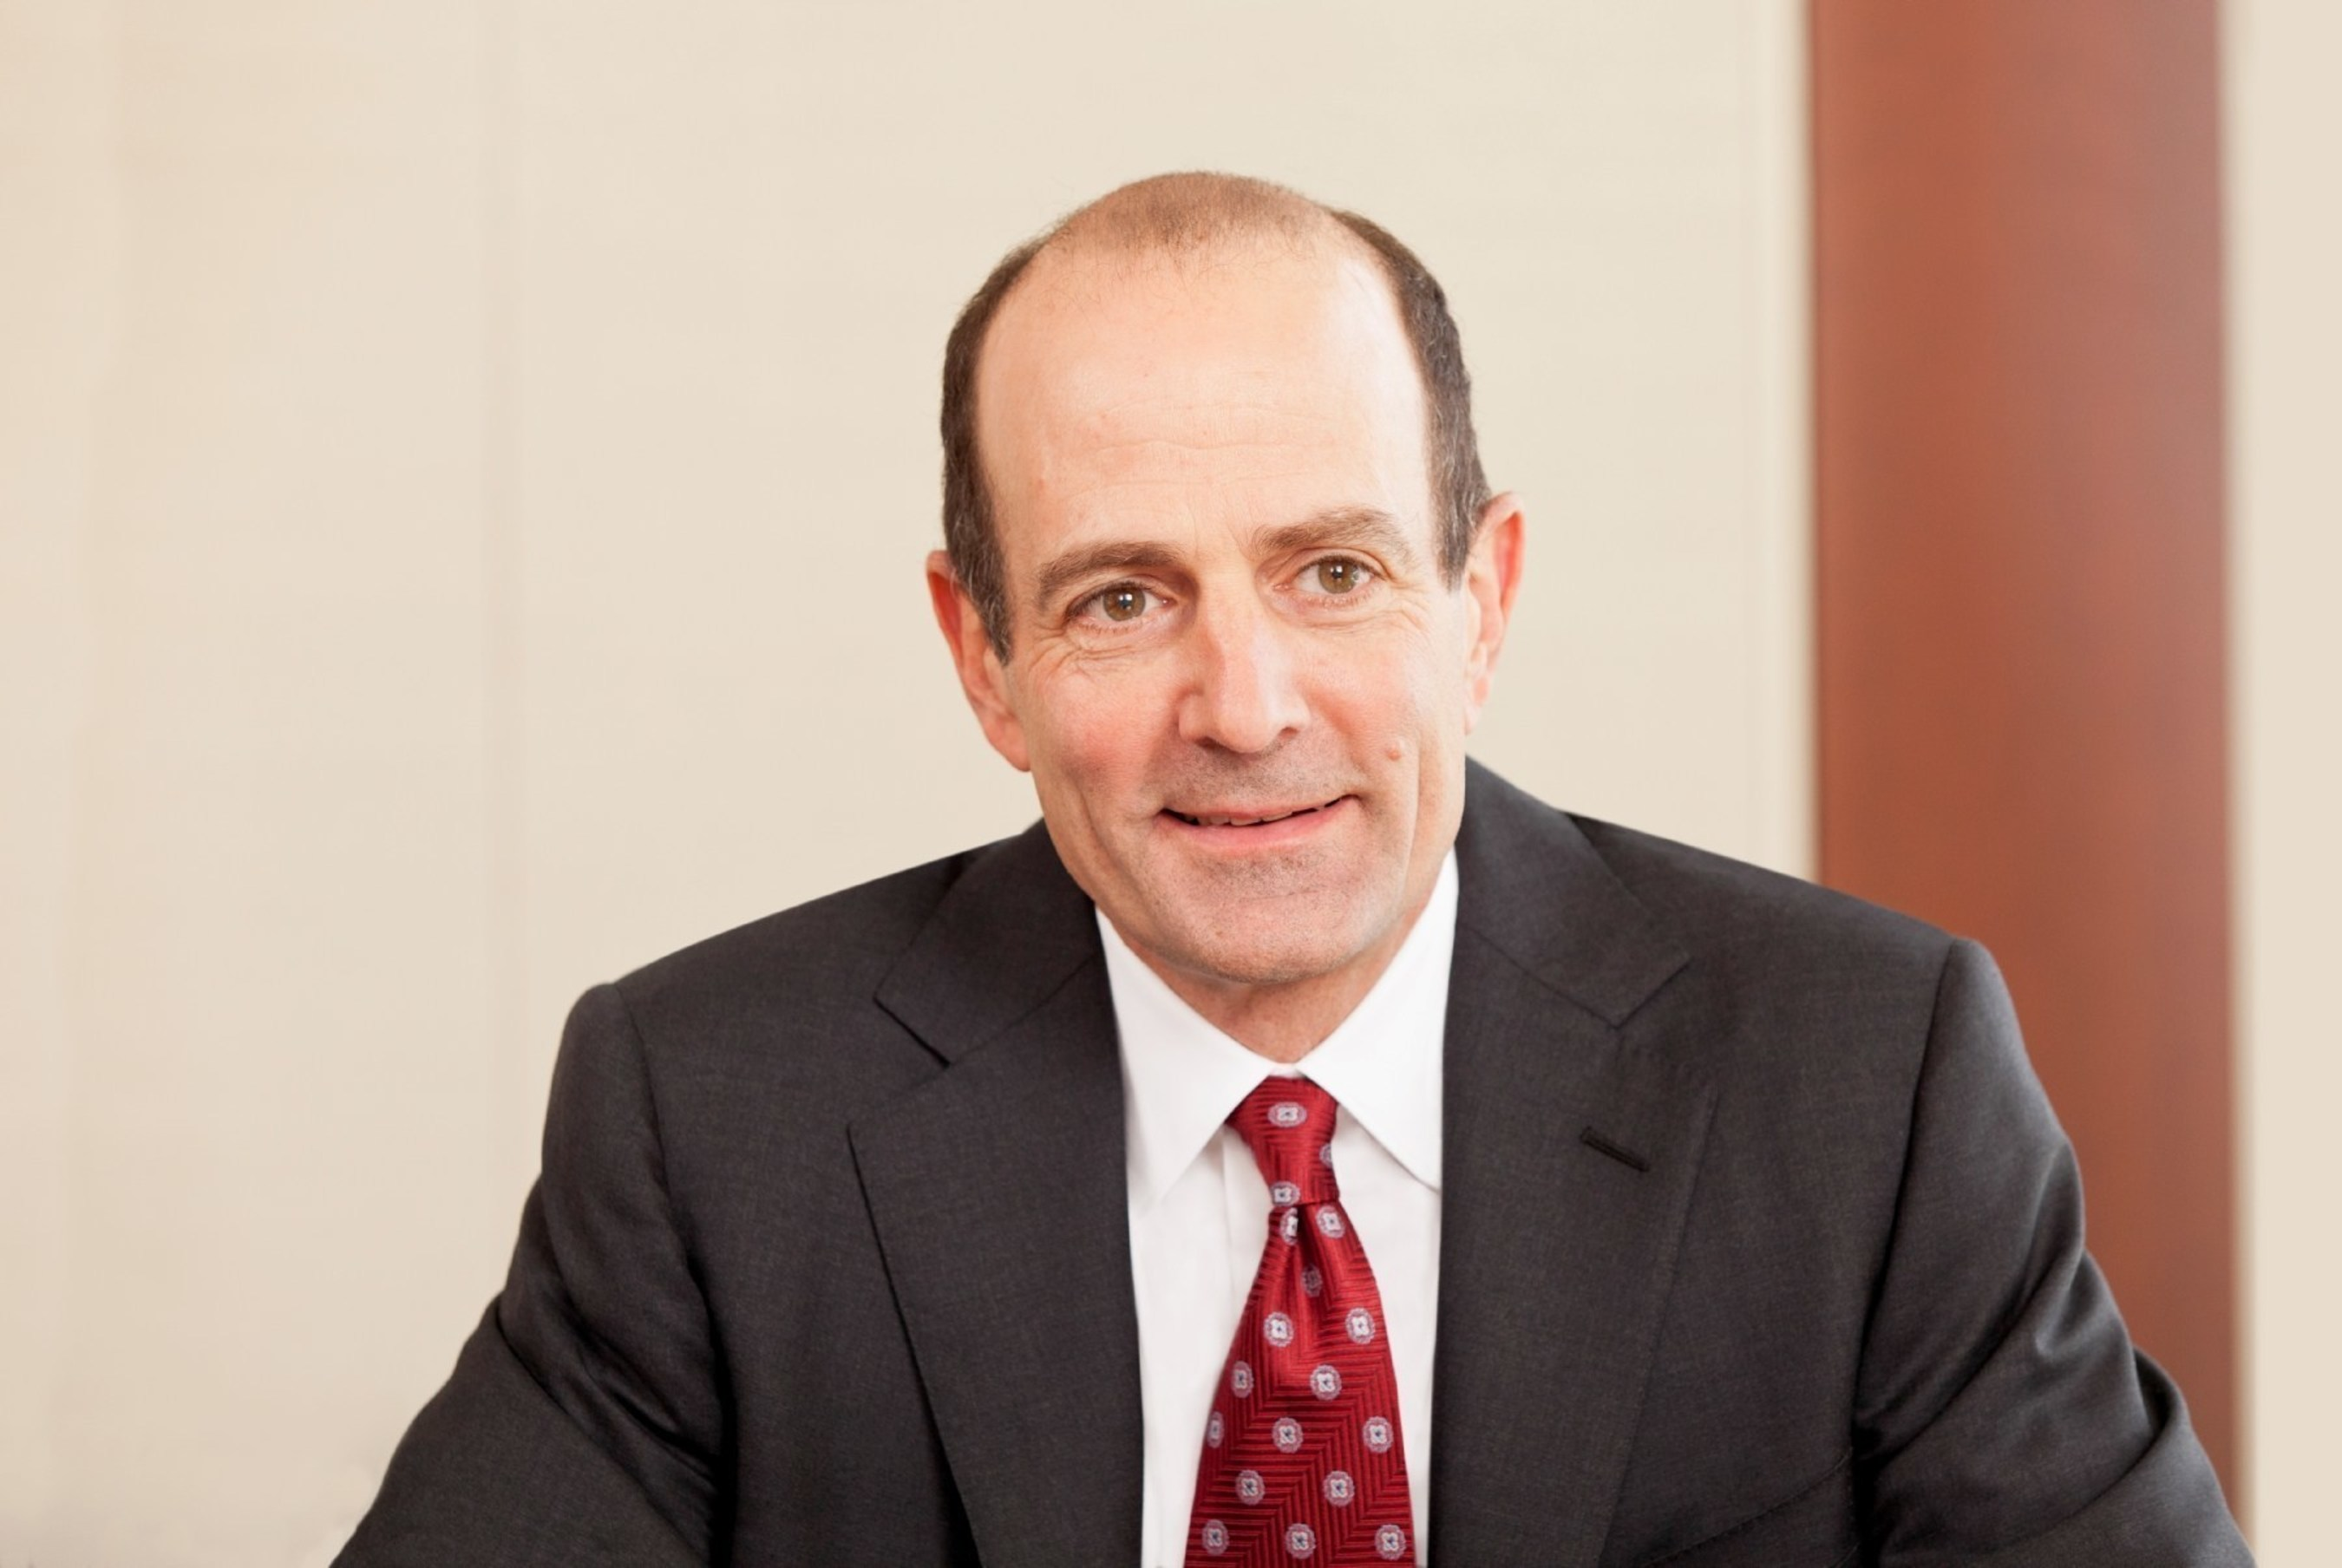 Phil de Toledo, Capital Group